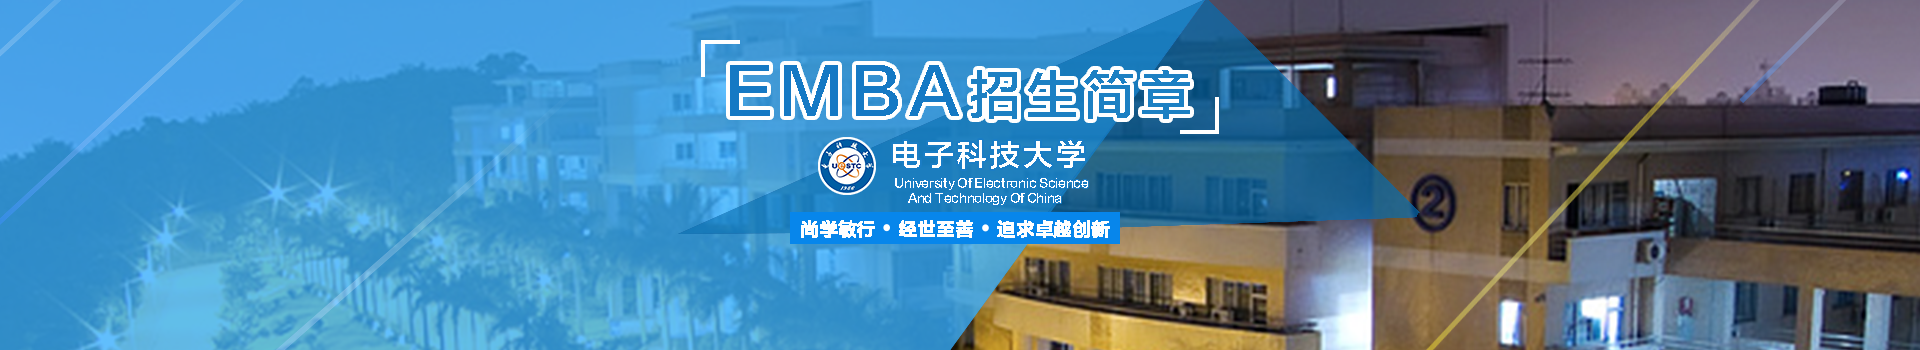 电子科技大学经济与管理学院高级工商管理硕士EMBA招生简章